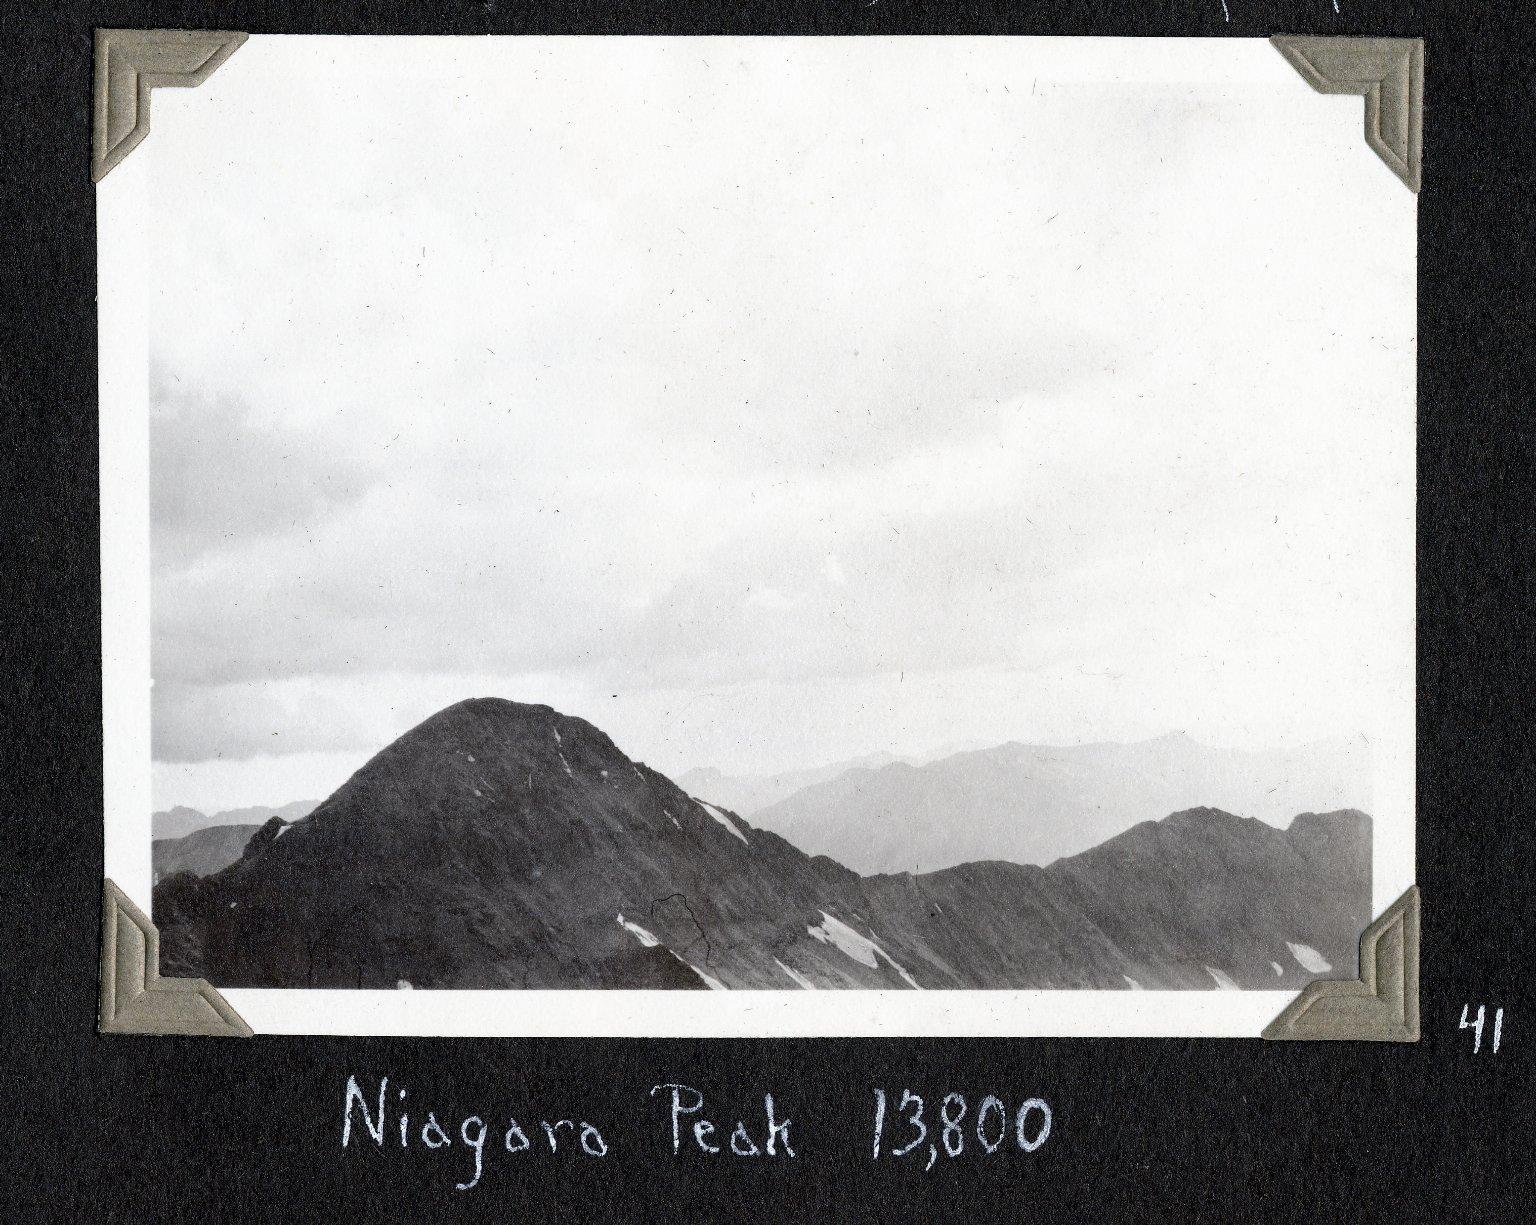 Niagara Peak